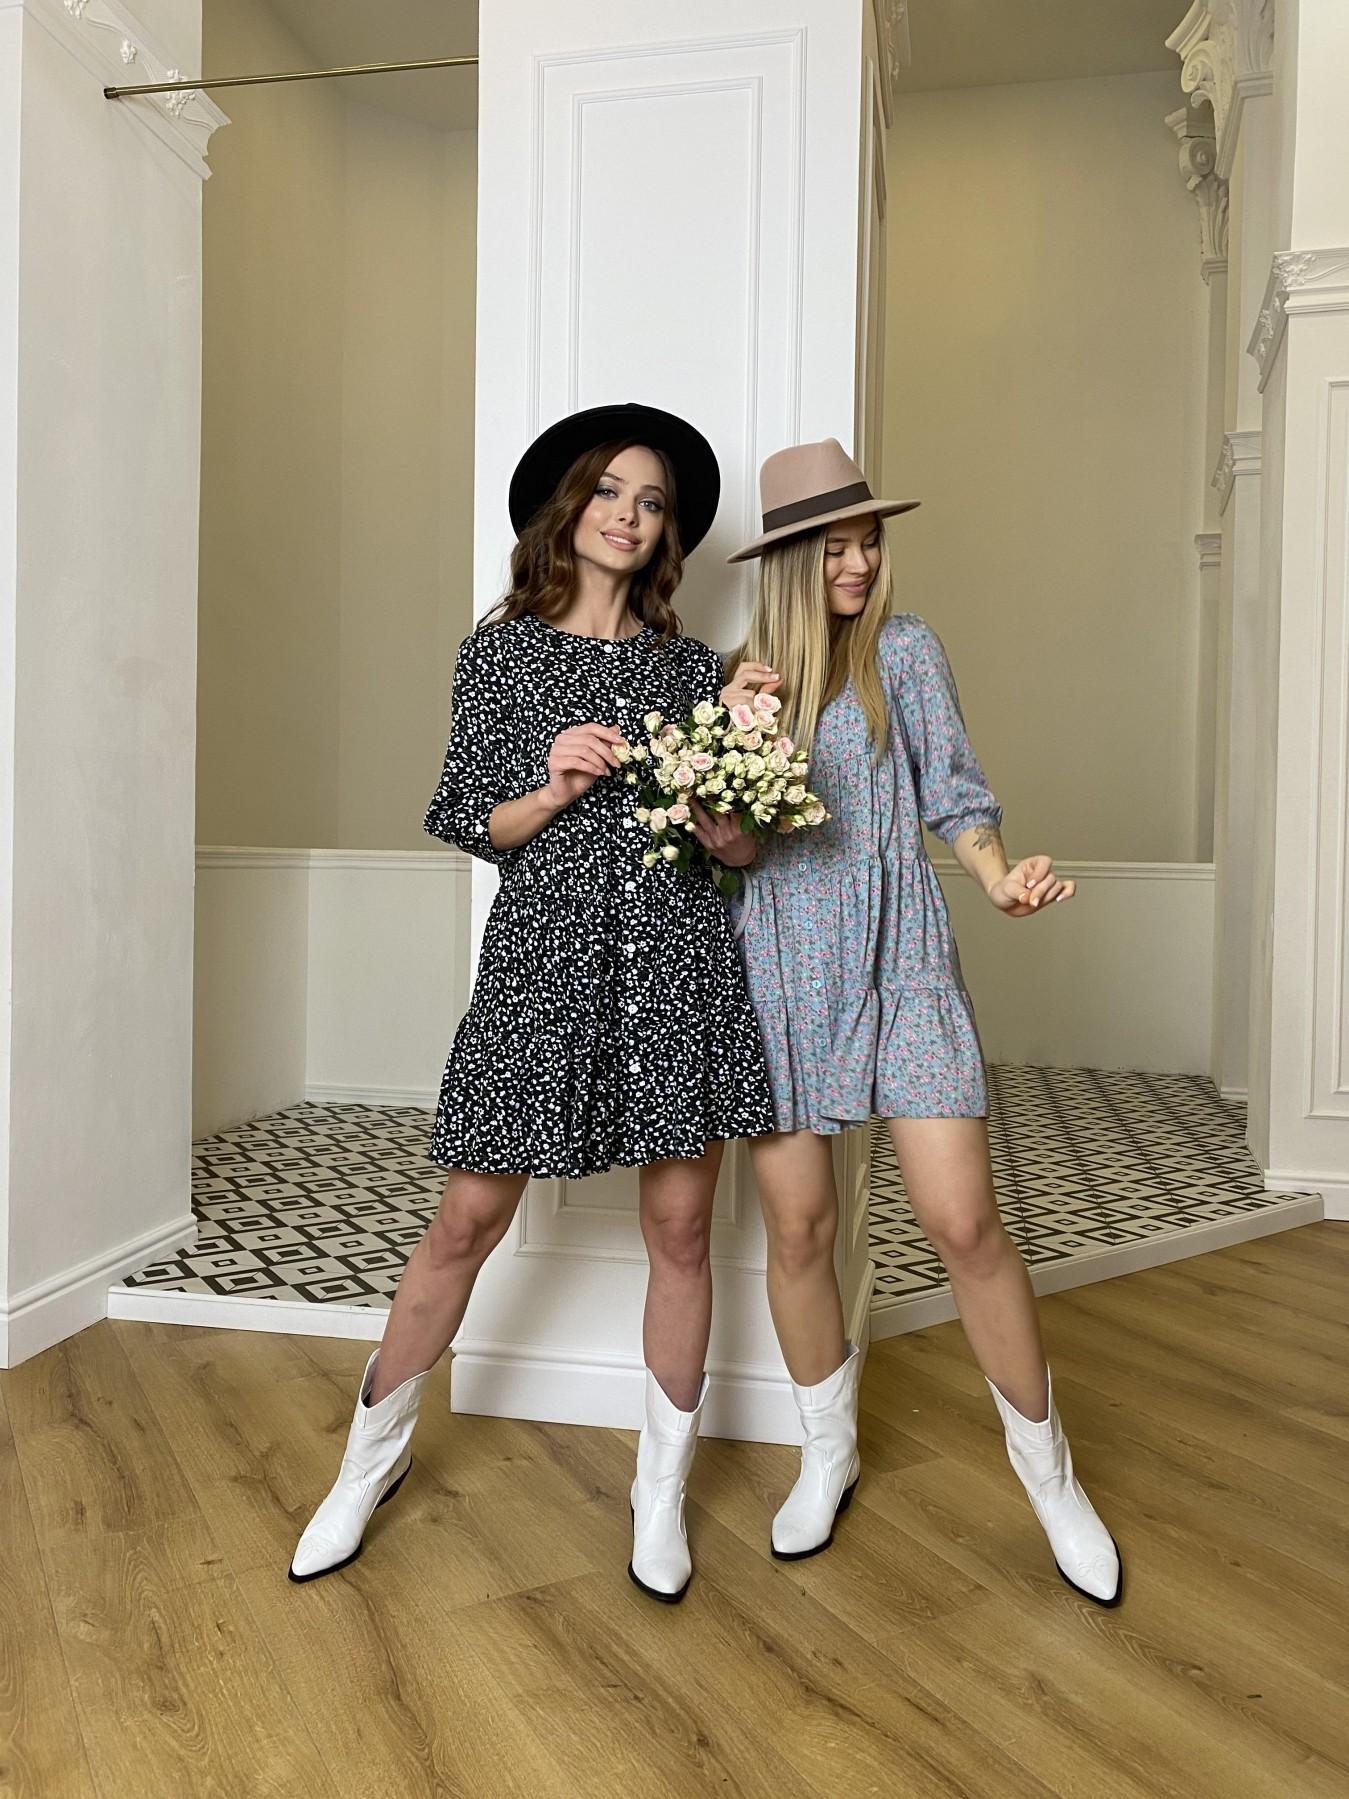 Берри штапель принт платье 10872 АРТ. 47342 Цвет: Цветы мел черн/бел/гол - фото 6, интернет магазин tm-modus.ru